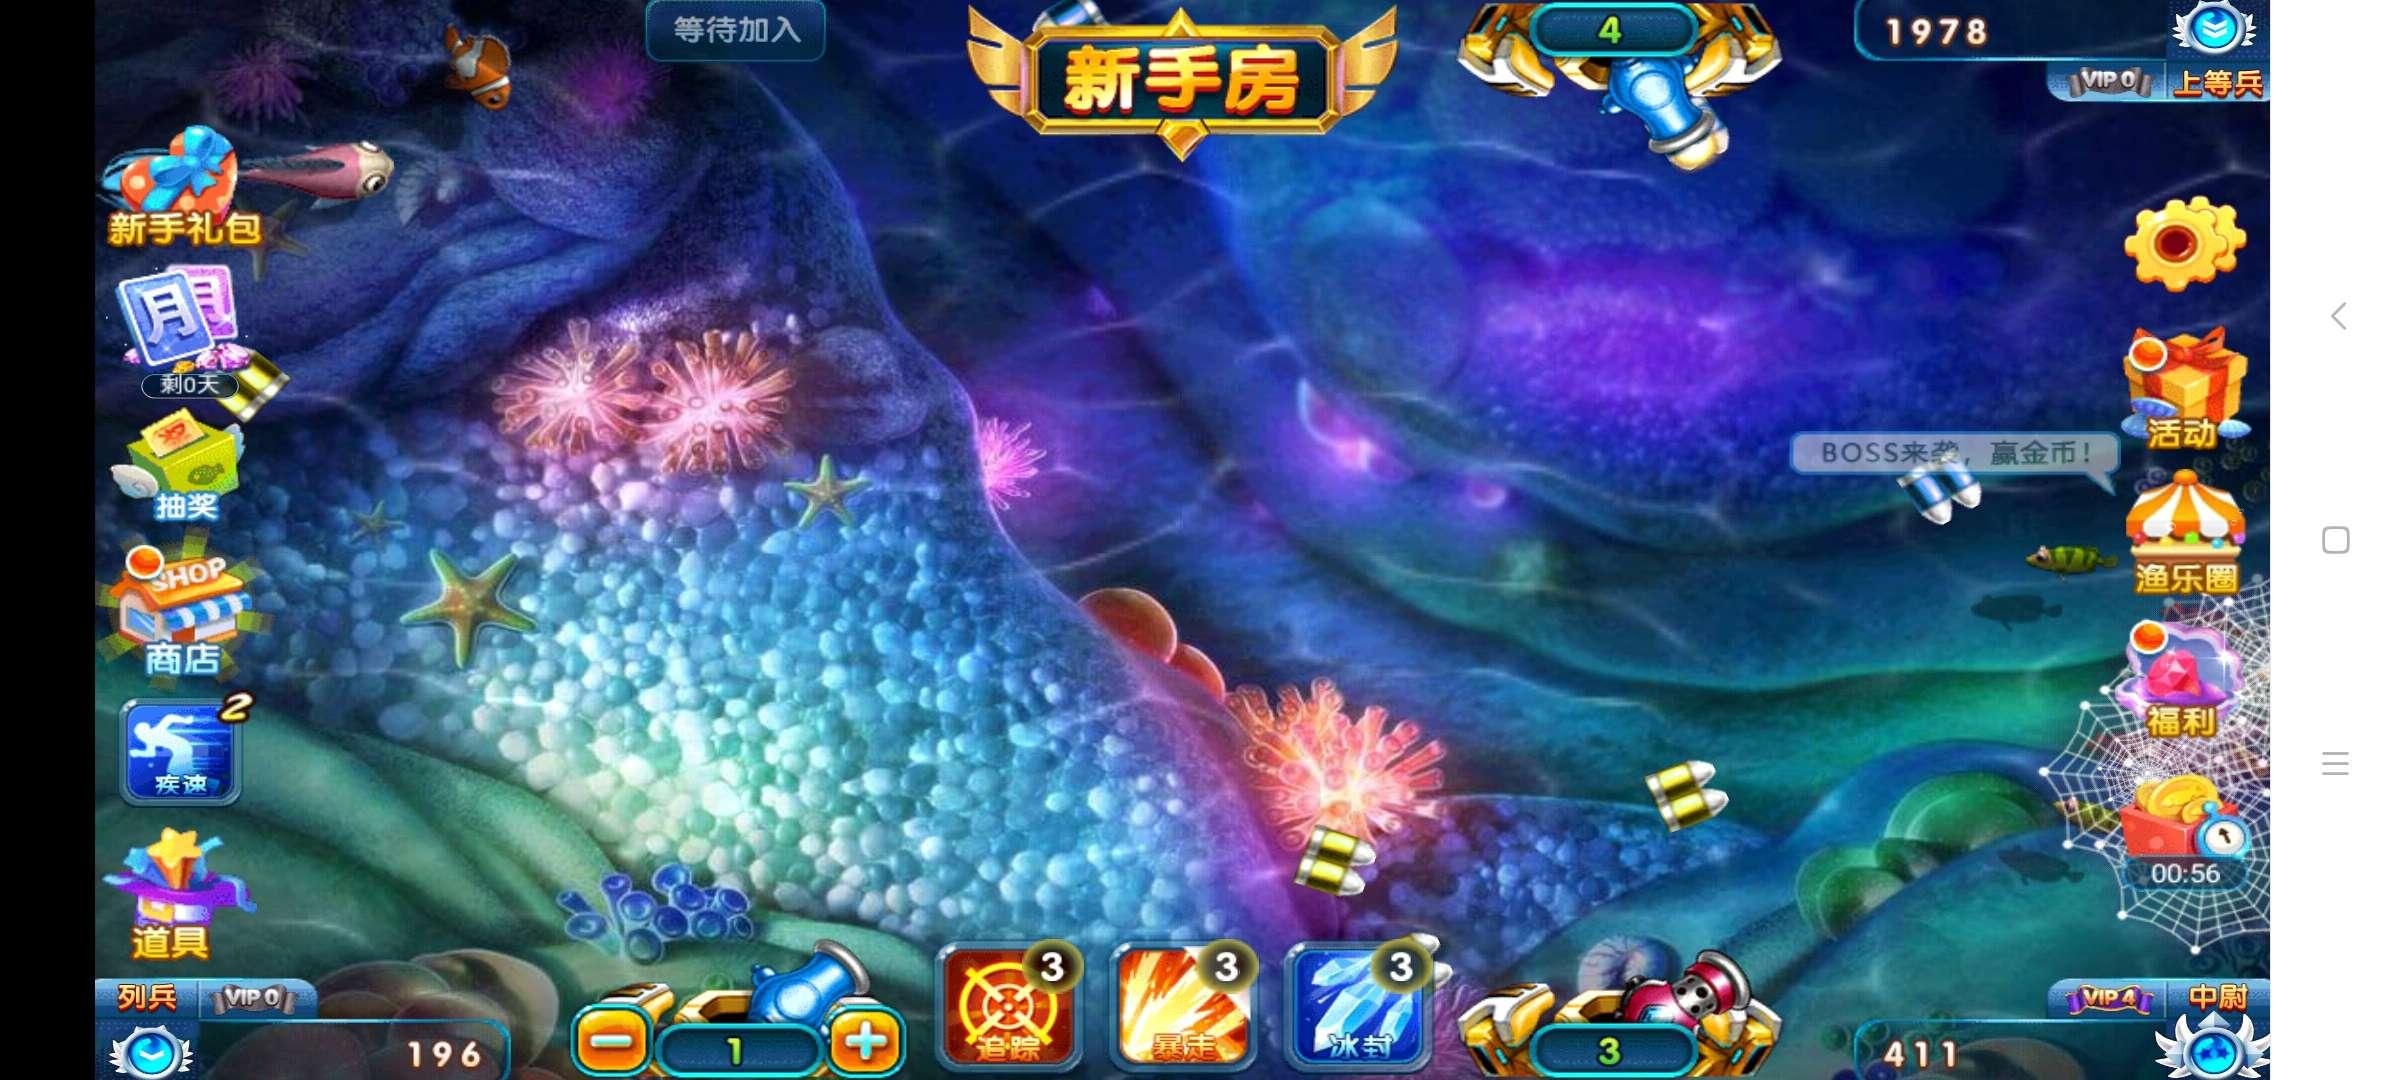 『单机游戏』-街机达人捕鱼破解版v9.0.9.8